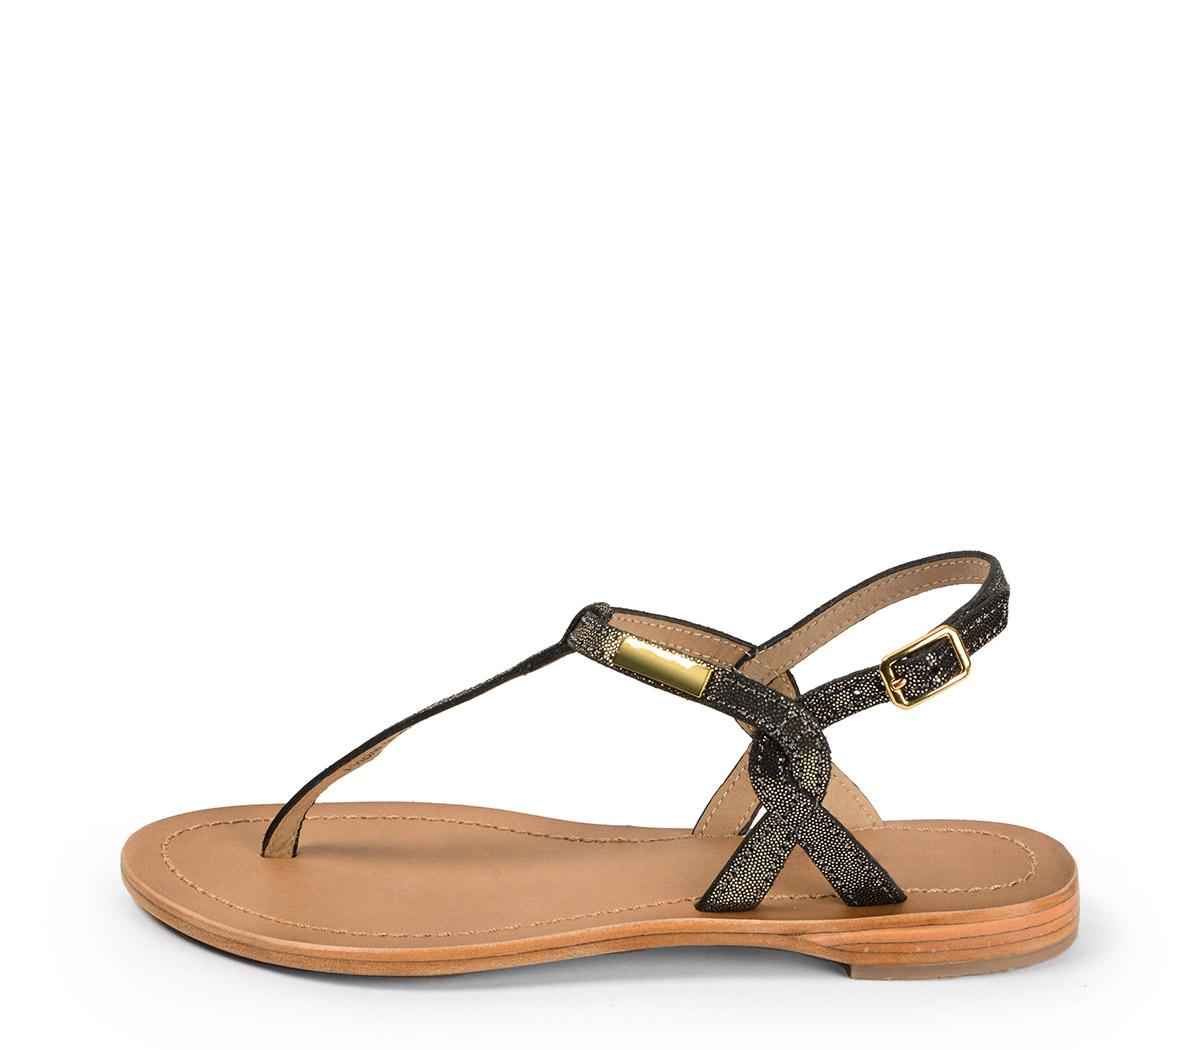 Ref. 3987 Sandalia piel plomo con tira en el empeine y hebilla lateral dorada. Plantilla de piel.